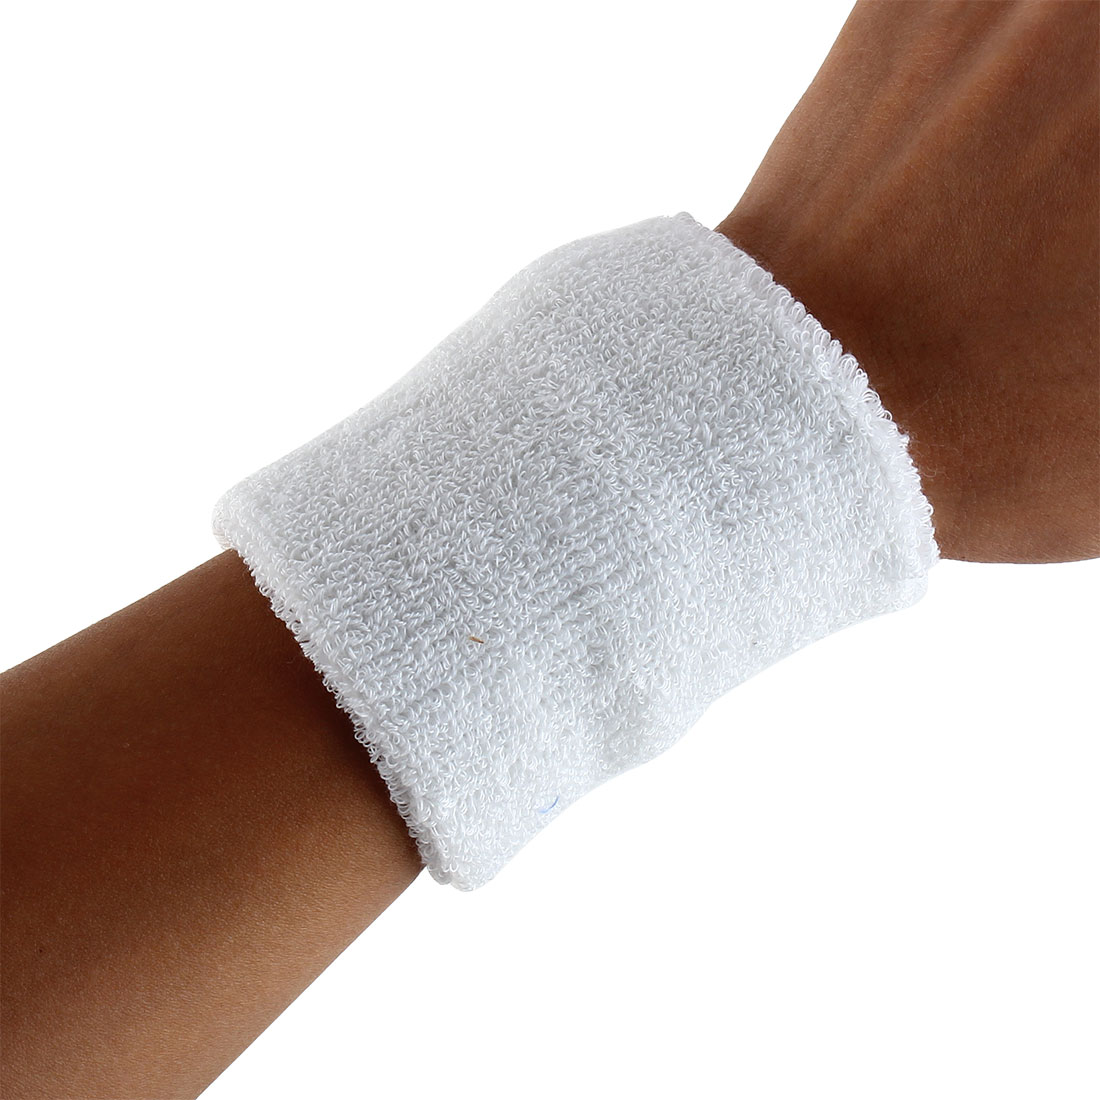 Exercises Gym Running Elastic Breathable Hand Protector Bandage Sweatband Wristband Sport Wrist White 2pcs